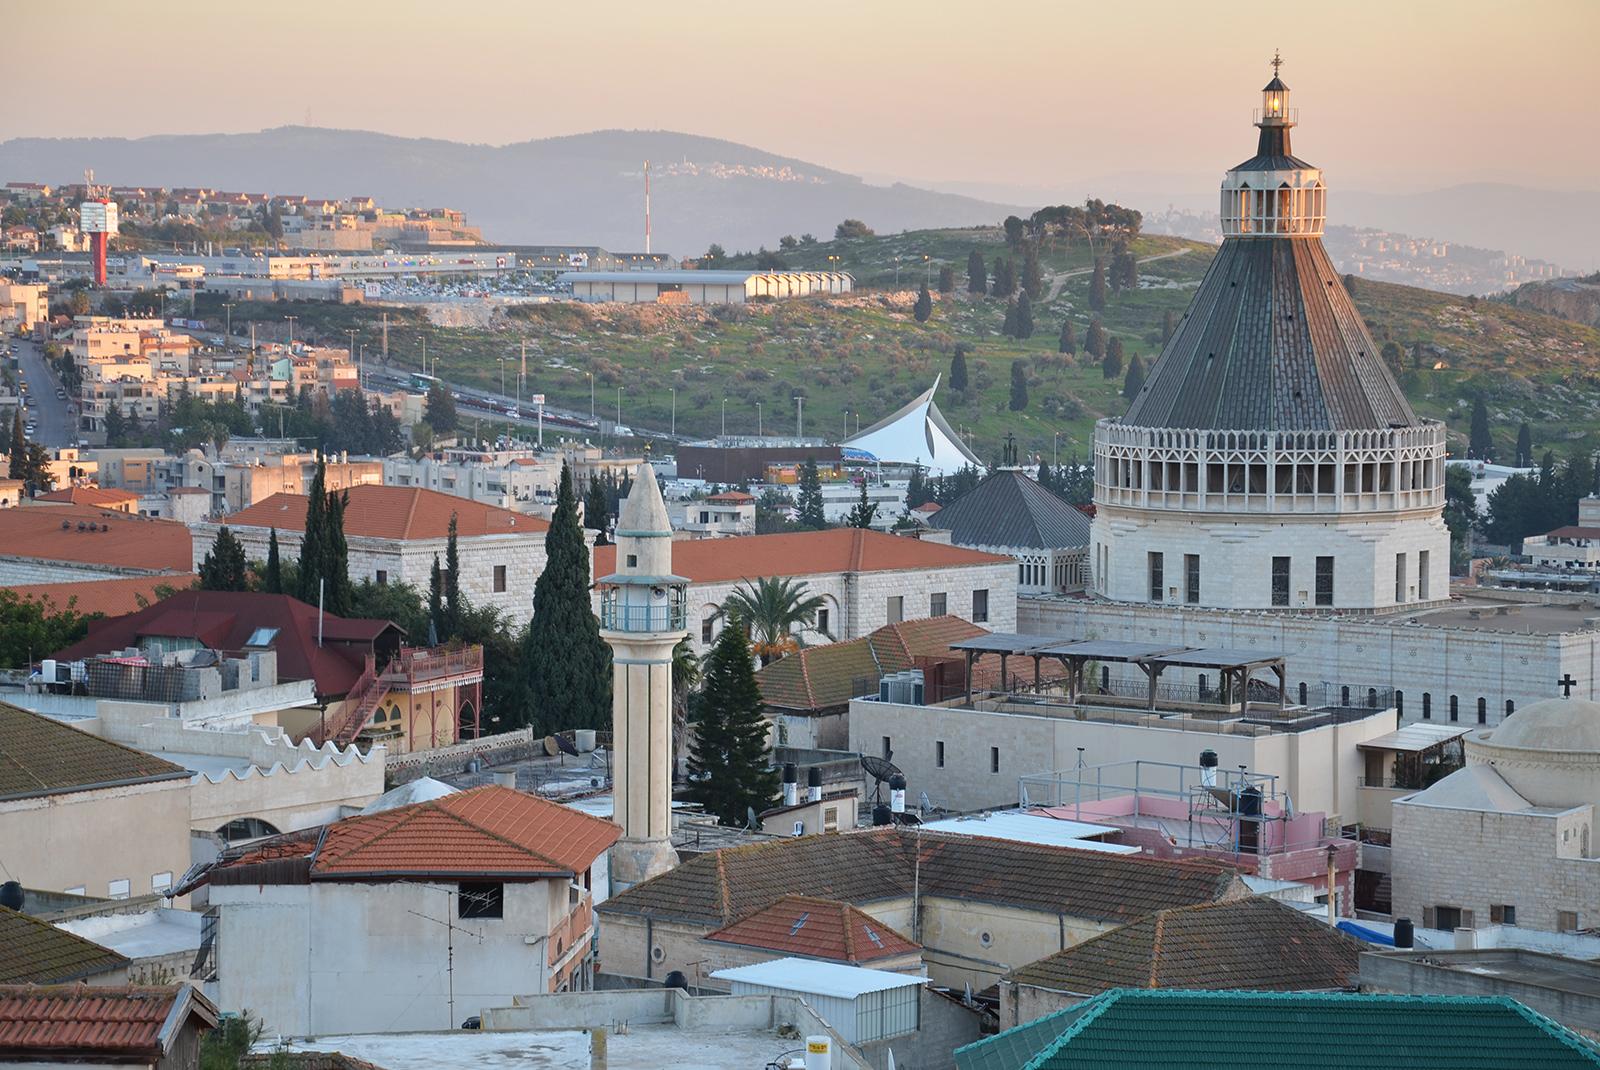 Křížem krážem Izraelem – Tel-Aviv, Nazaret, Haifa, Caesarea